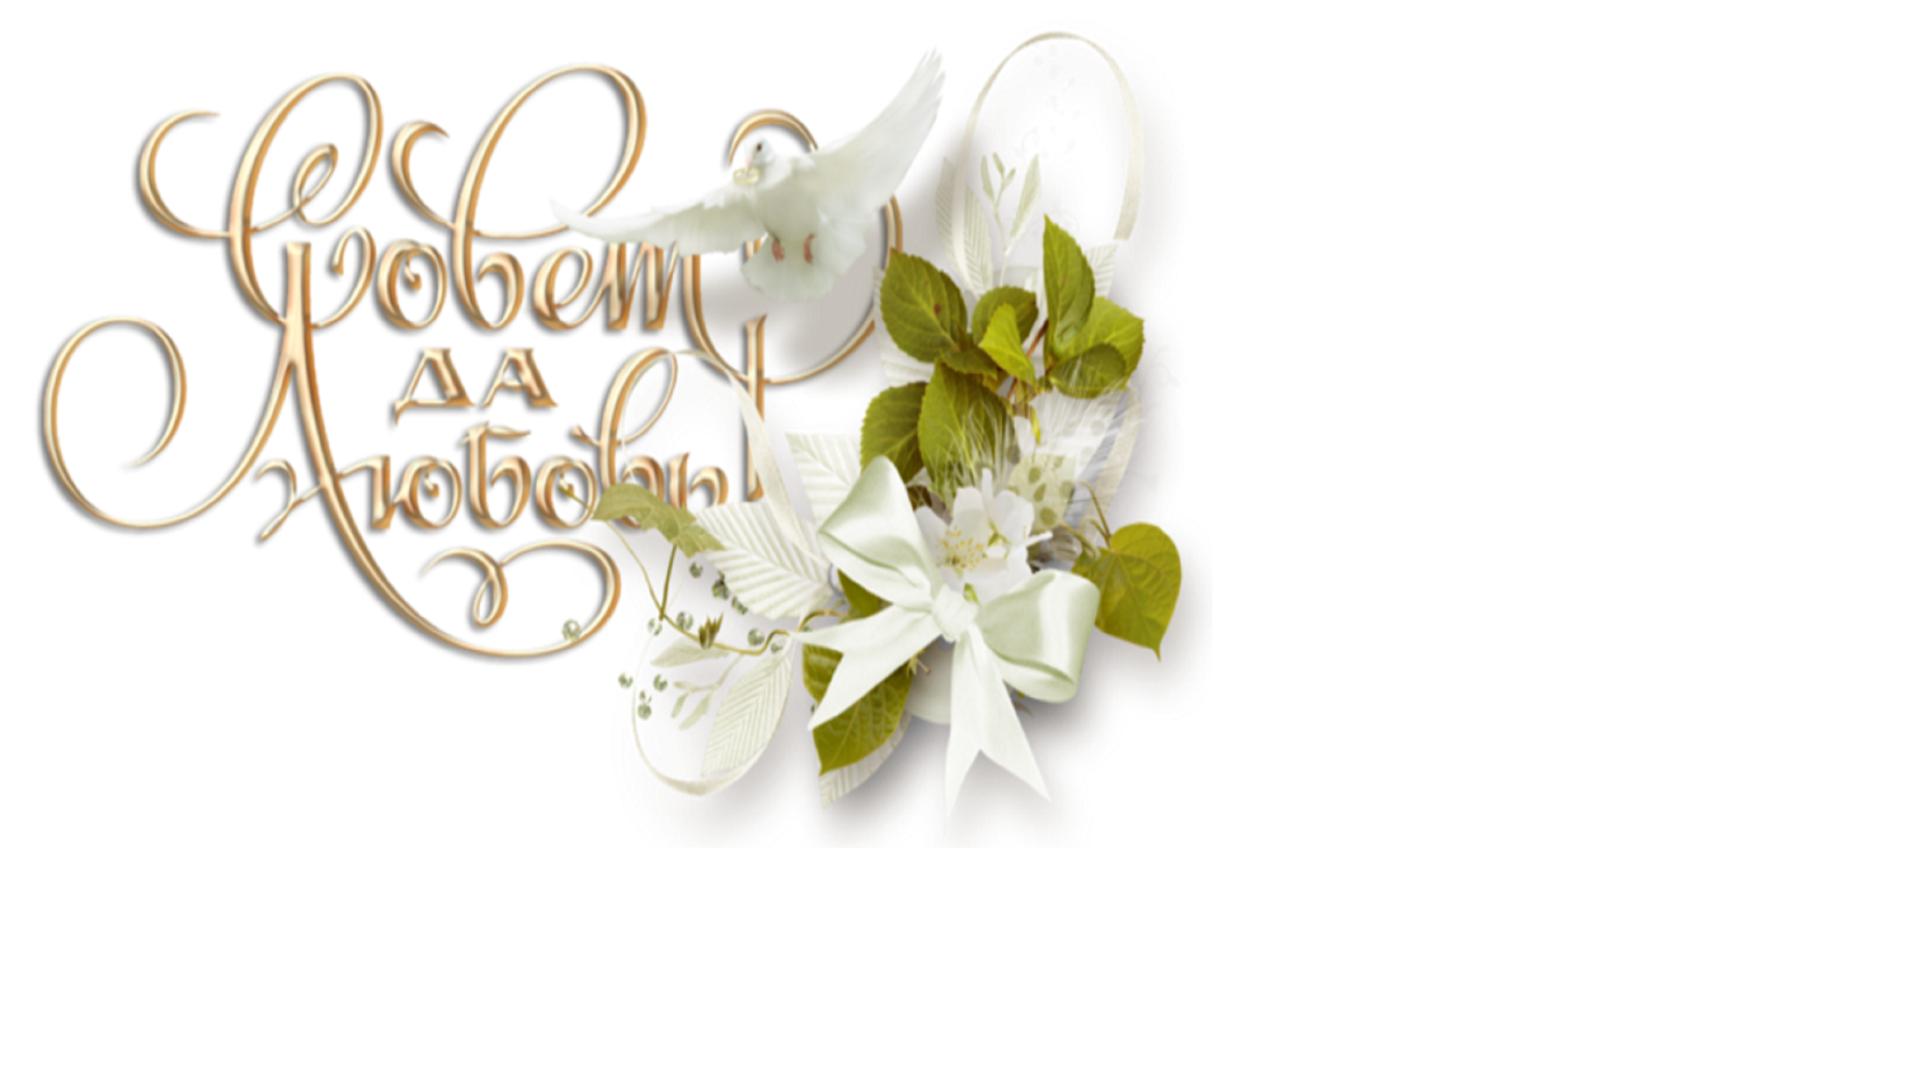 Клипарты открыток с днем свадьбы